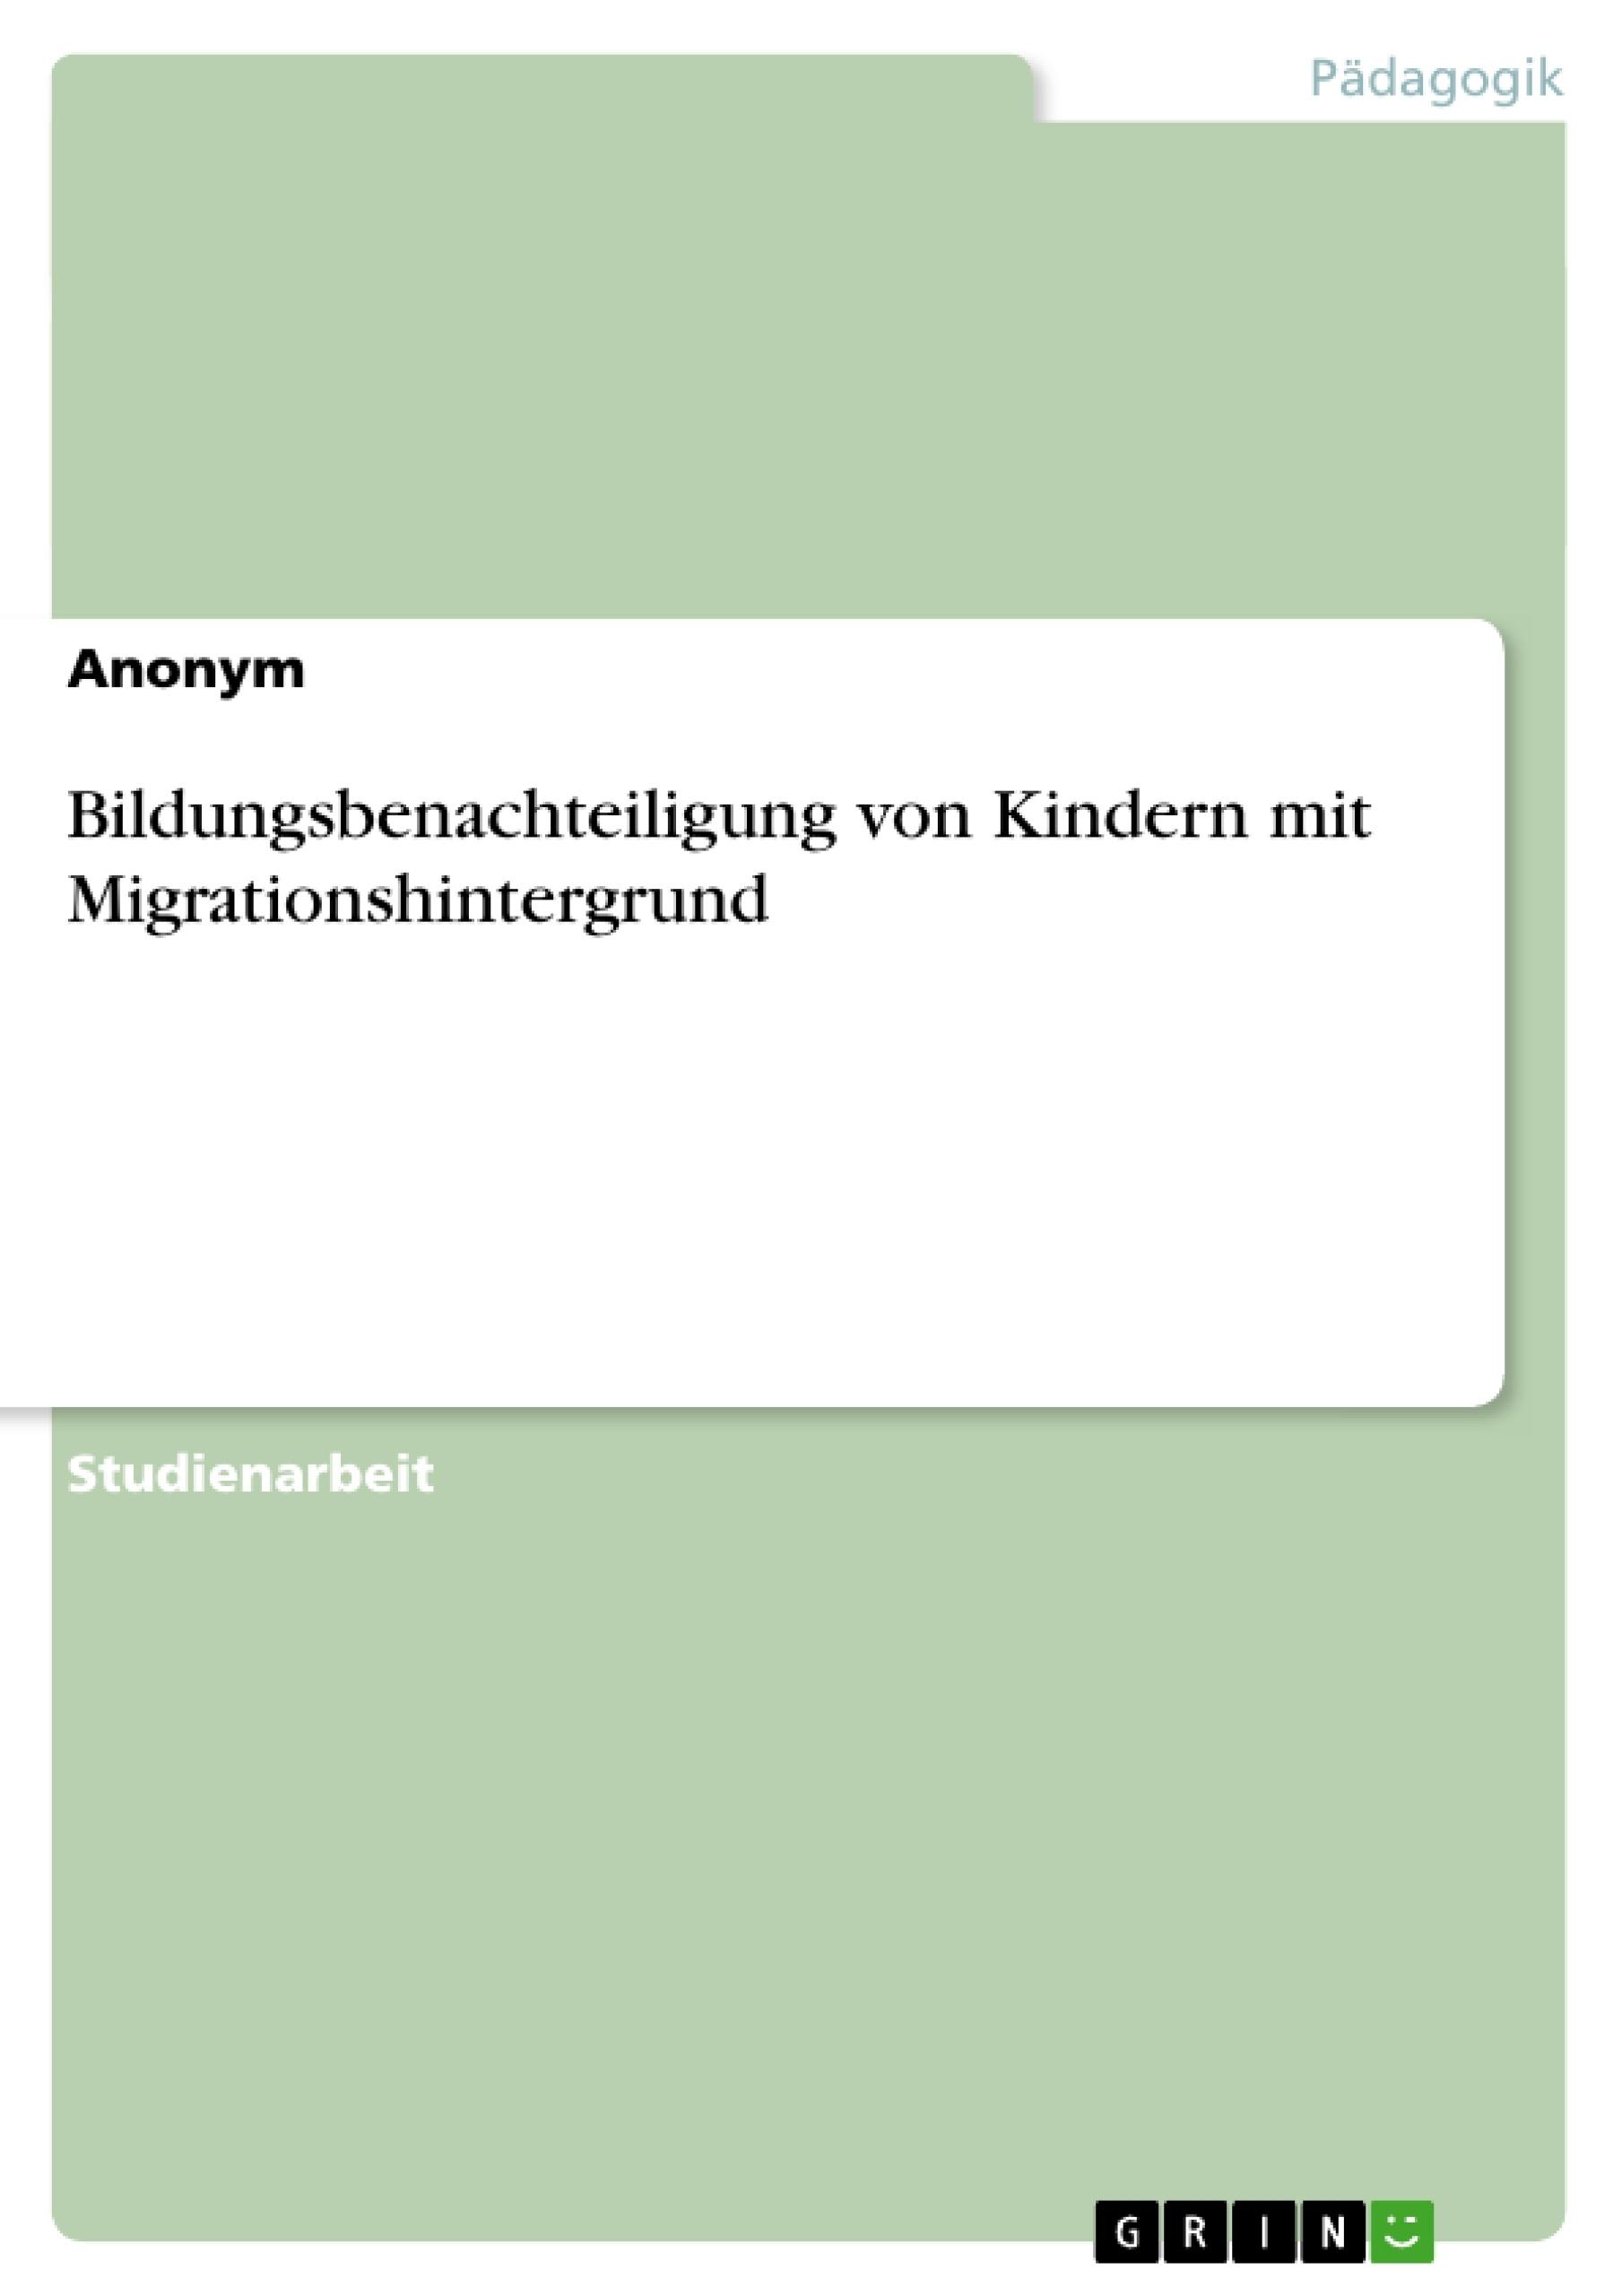 Titel: Bildungsbenachteiligung von Kindern mit Migrationshintergrund